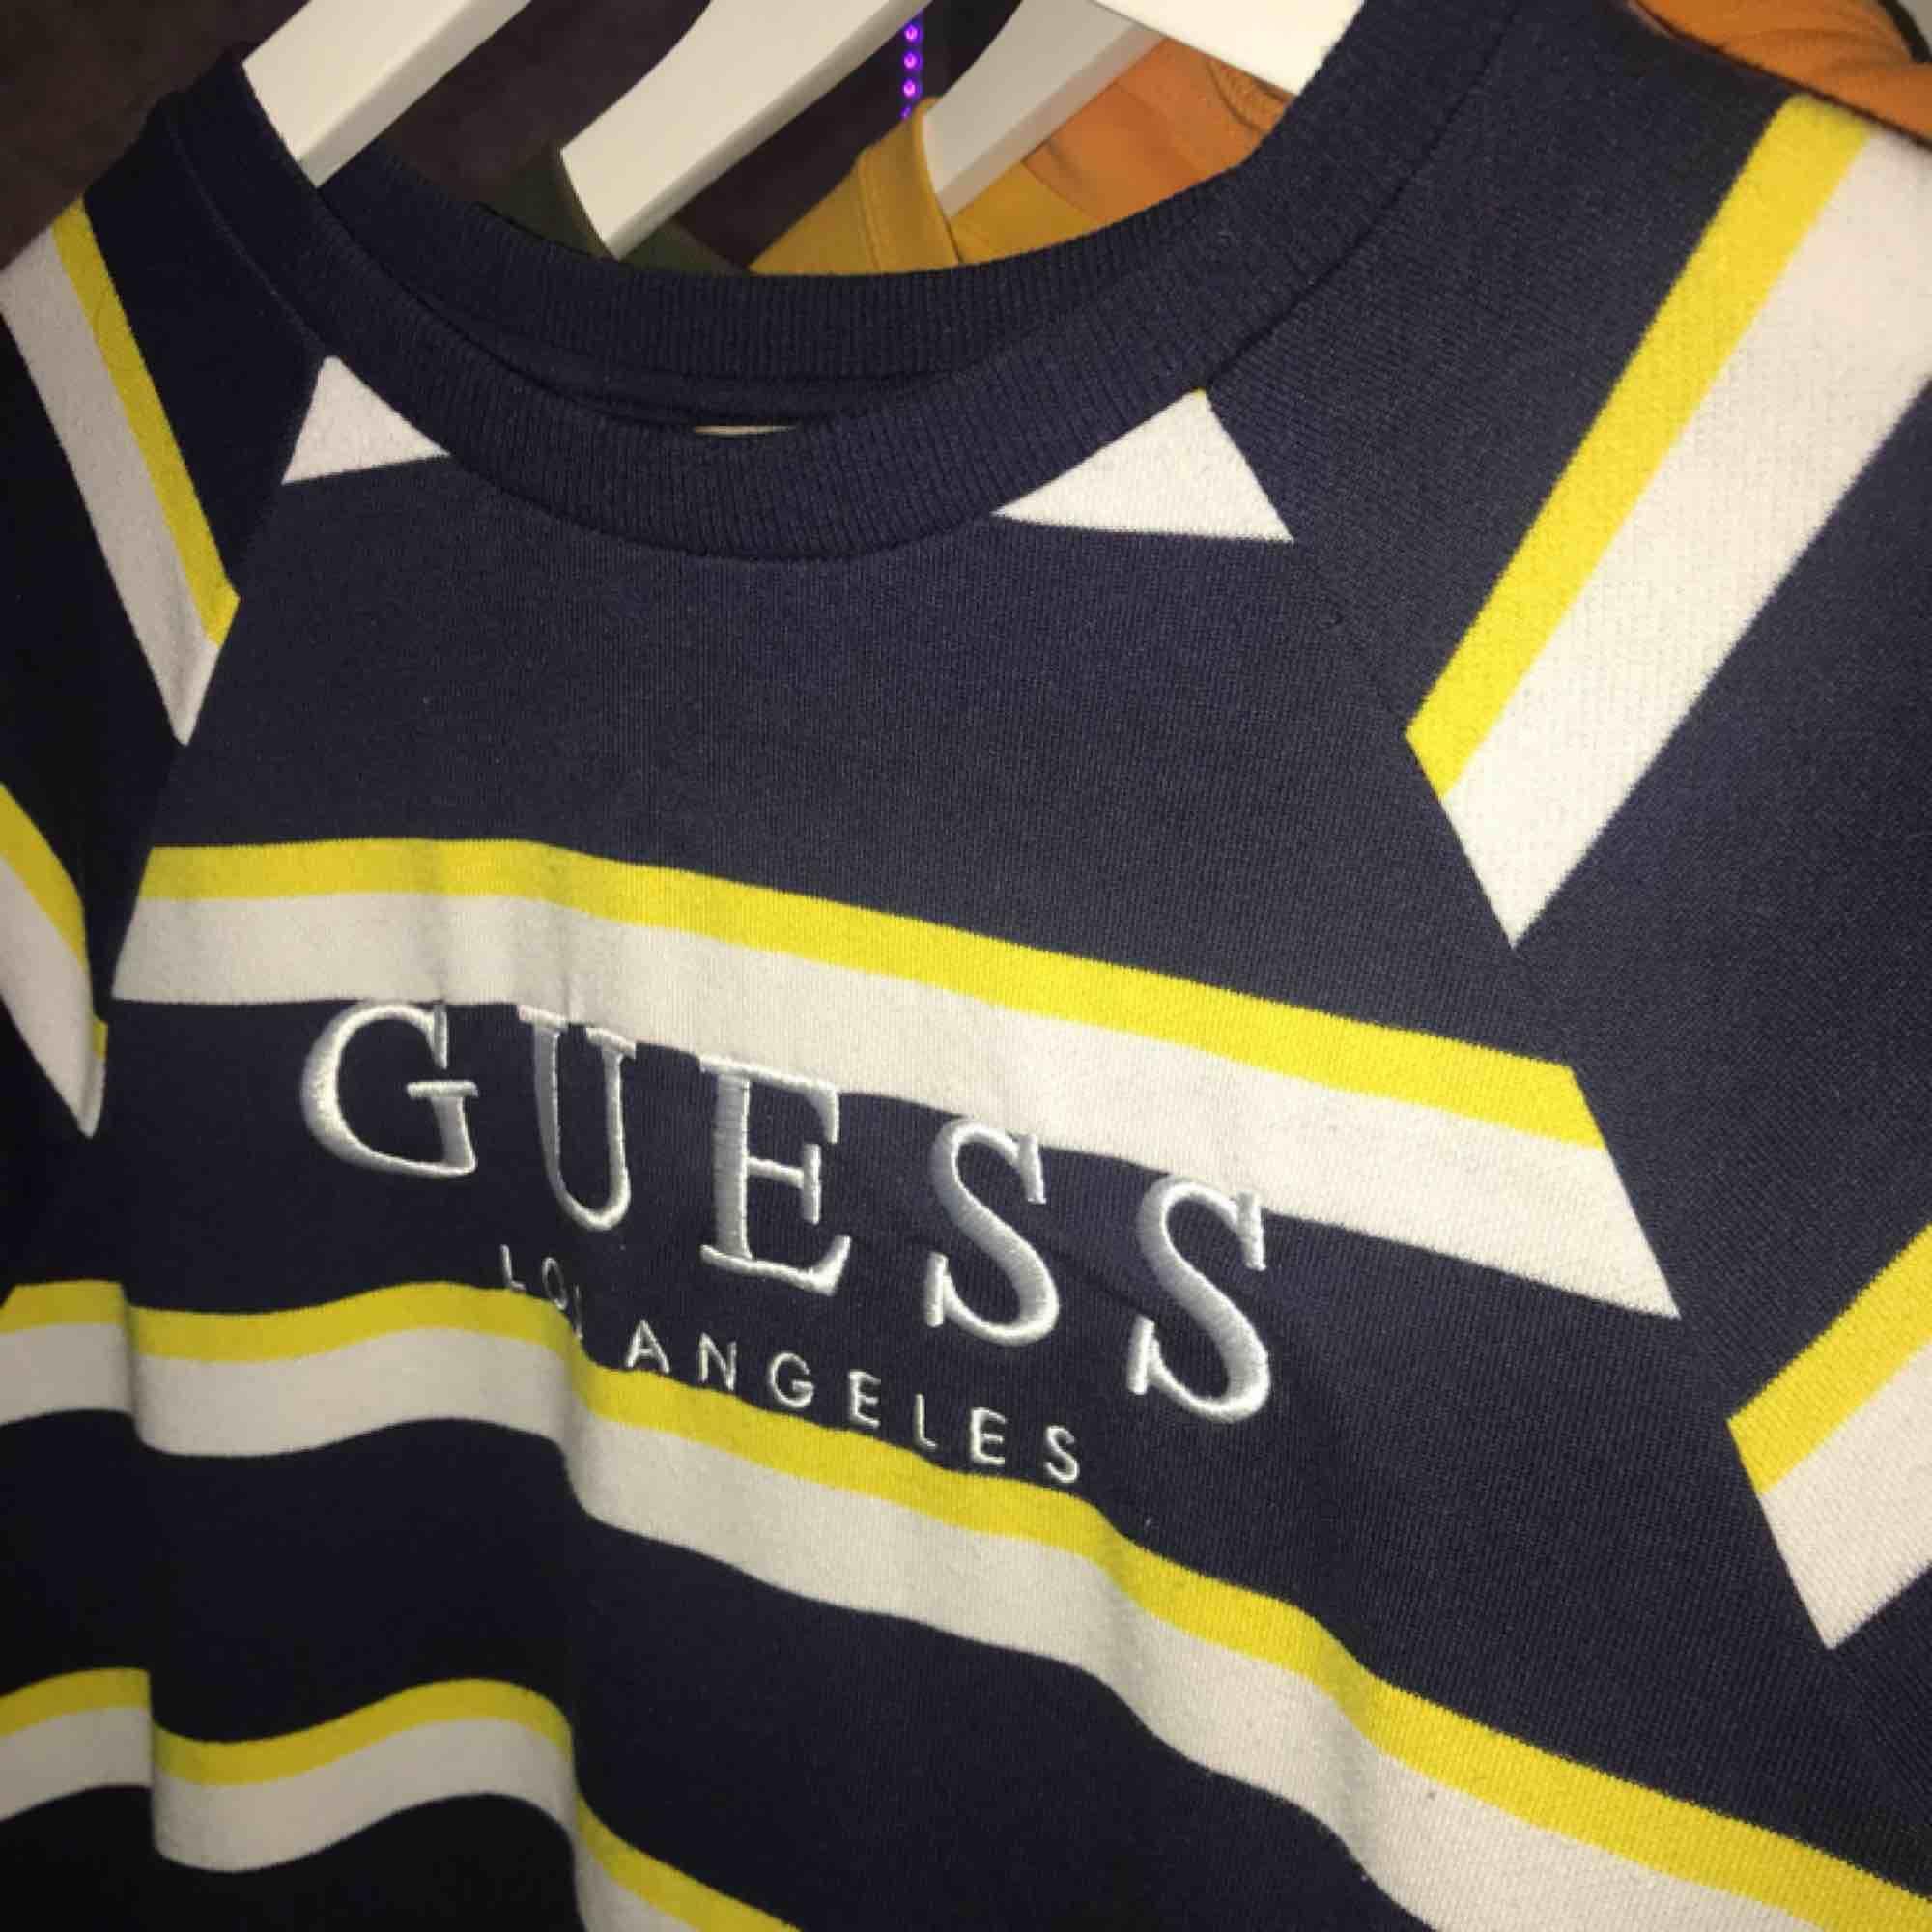 Guess Sweatshirt köpt på Urban Outfitters i London💞 Knappast använd och i bra skick. Nypris: £75 (ca 880kr). Huvtröjor & Träningströjor.